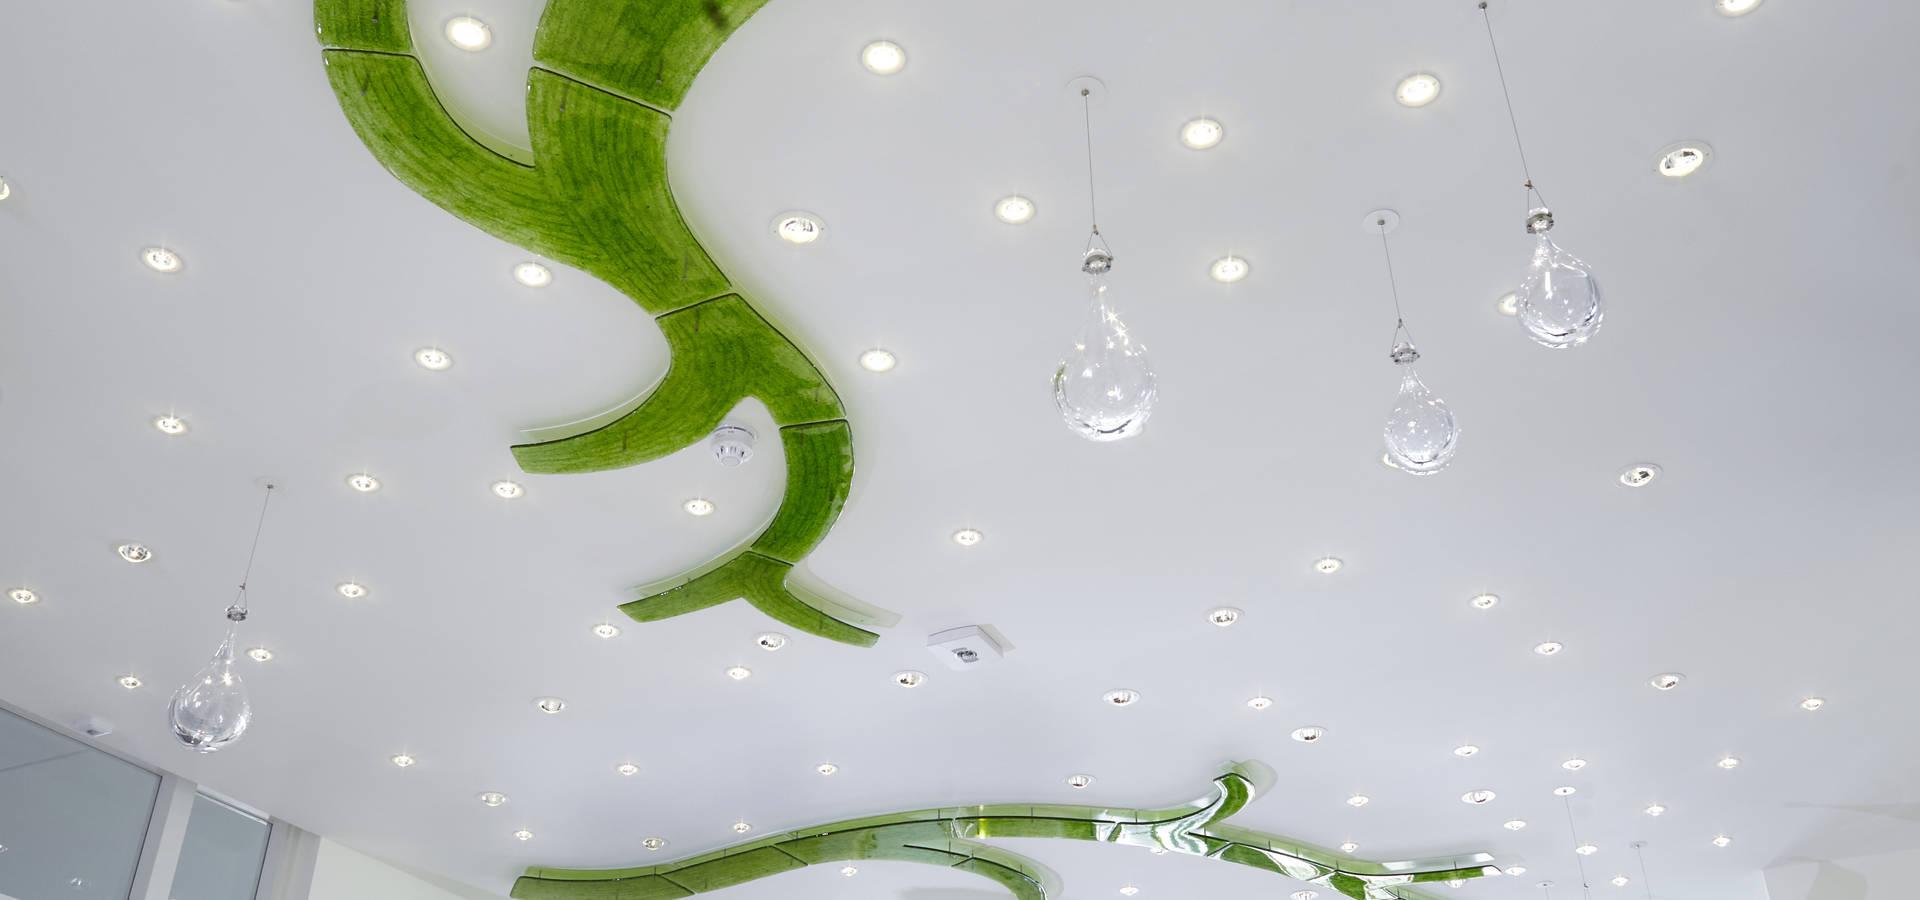 https://images.homify.com/images/a_0,c_fill,f_auto,h_900,q_auto,w_1920/v1440711077/p/photo/image/650774/IMG_3321/modern-praxen-bilder-von-kunst-licht-glas.jpg